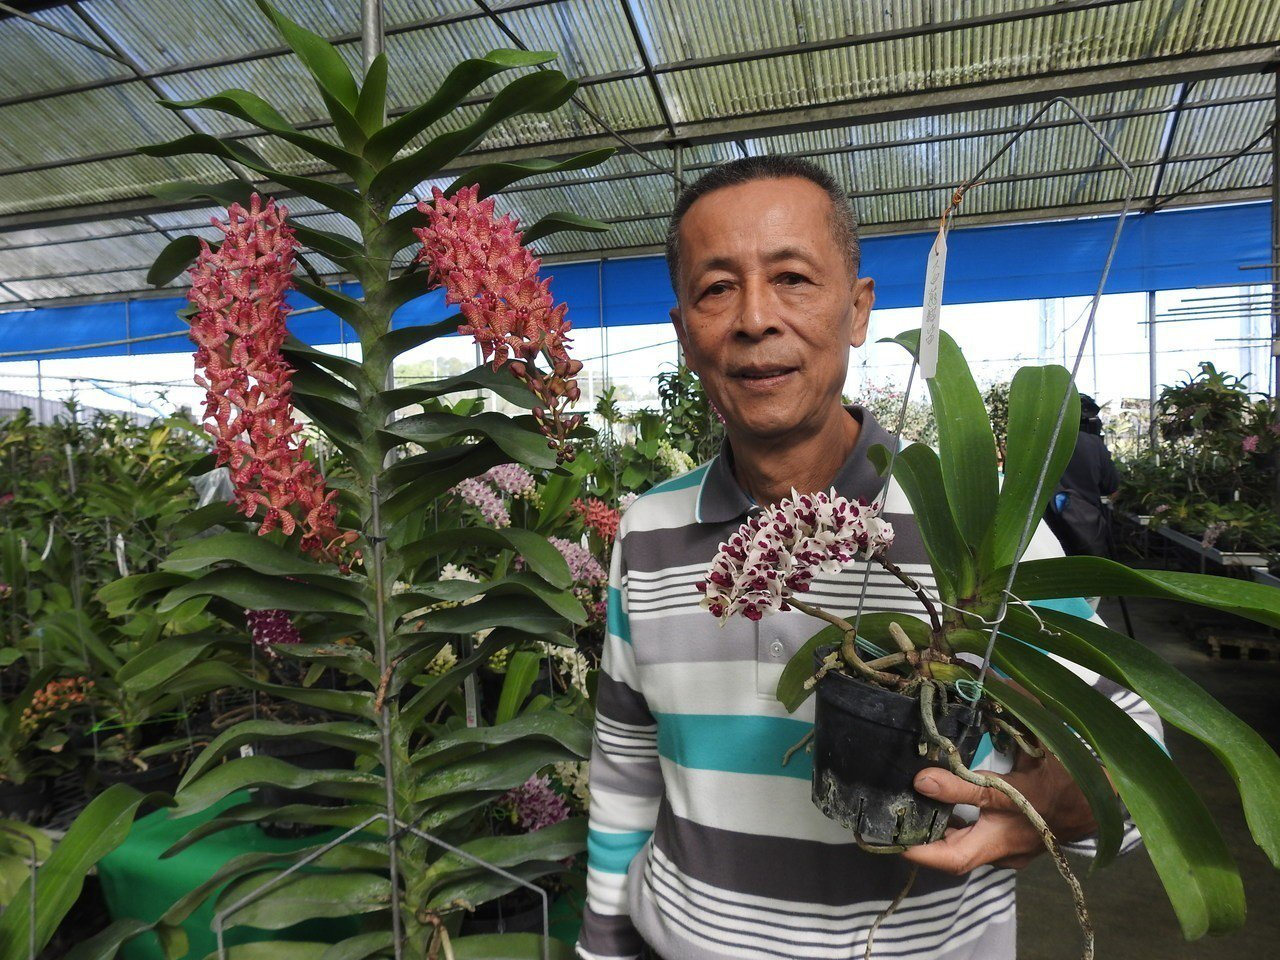 南投縣蘭花達人魏榮泰身旁橘紅色系栽種達16年,其高度超過1米7,比成年男性還高。...